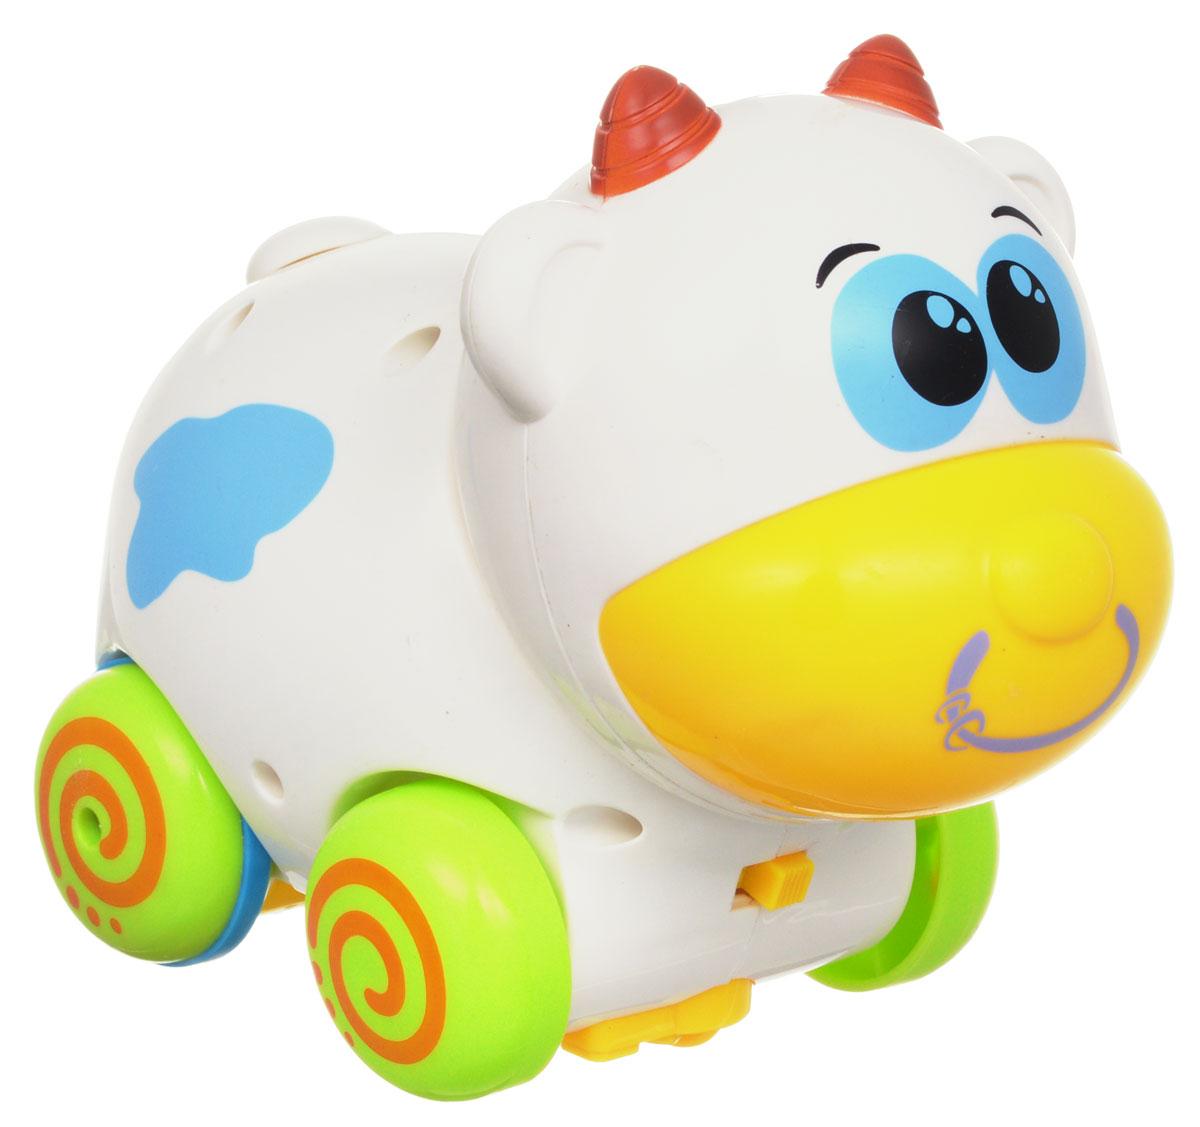 Mioshi Игрушка на радиоуправлении Зверята БычокMAC1210-001Игрушка на радиоуправлении Mioshi Бычок из серии Зверята непременно понравится вашему малышу. Выполненная из прочного безопасного пластика, игрушка надолго займет внимание малыша. При помощи простейшего дистанционного пульта управления, выполненного в форме бабочки, бычок может двигаться вперёд и назад, качать головой и вилять хвостиком. Игра с ним подарит много радости благодаря забавным звуковым эффектам. Радиоуправляемые игрушки развивают моторику ребенка, его логику, координацию движений и пространственное мышление. Порадуйте своего малыша таким замечательным подарком! Для работы игрушки необходимо докупить 3 батарейки типа ААА (не входят в комплект). Для работы пульта управления необходимо докупить 2 батарейки типа АА (не входят в комплект).